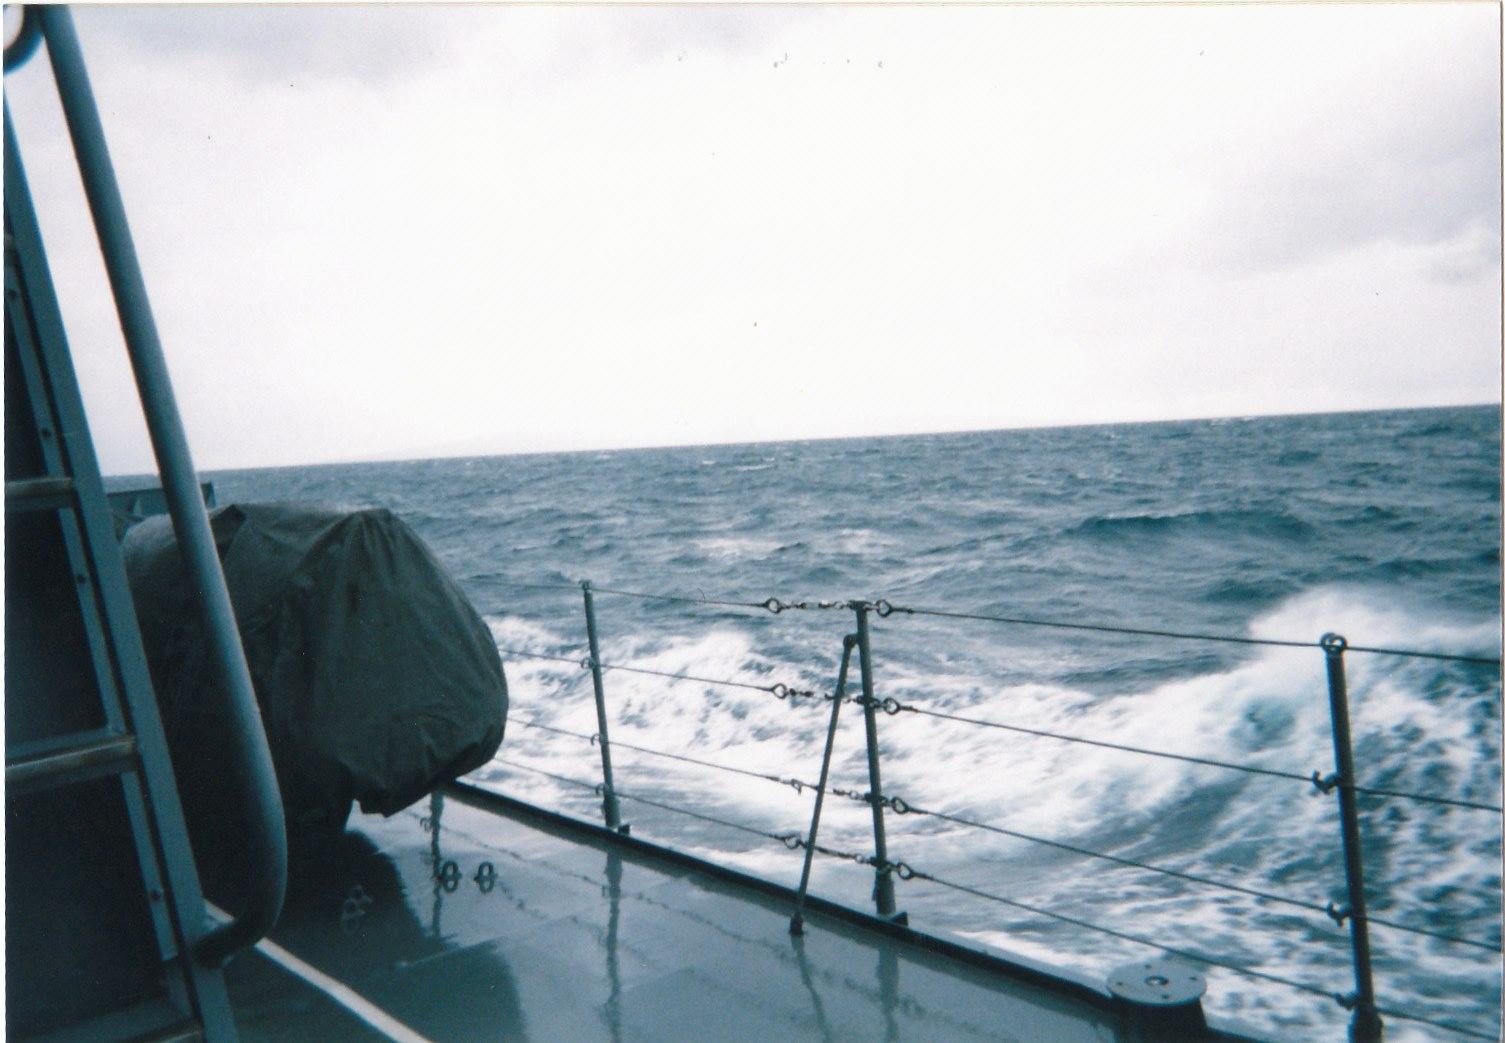 海上自衛隊 護衛艦生活 投錨での入港について  (海上自衛隊 護衛艦乗りの皆様、台風シーズン到来ですね...補足記事)